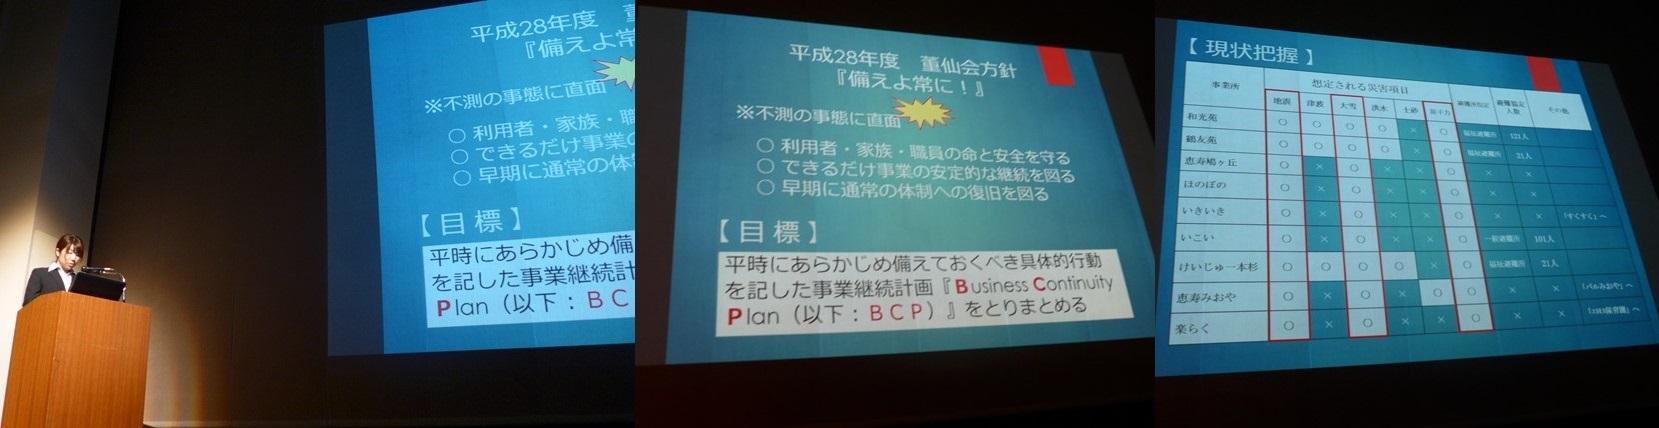 備えよ常に~第13回TQM発表大会と新専門医の仕組み_b0115629_16023687.jpg